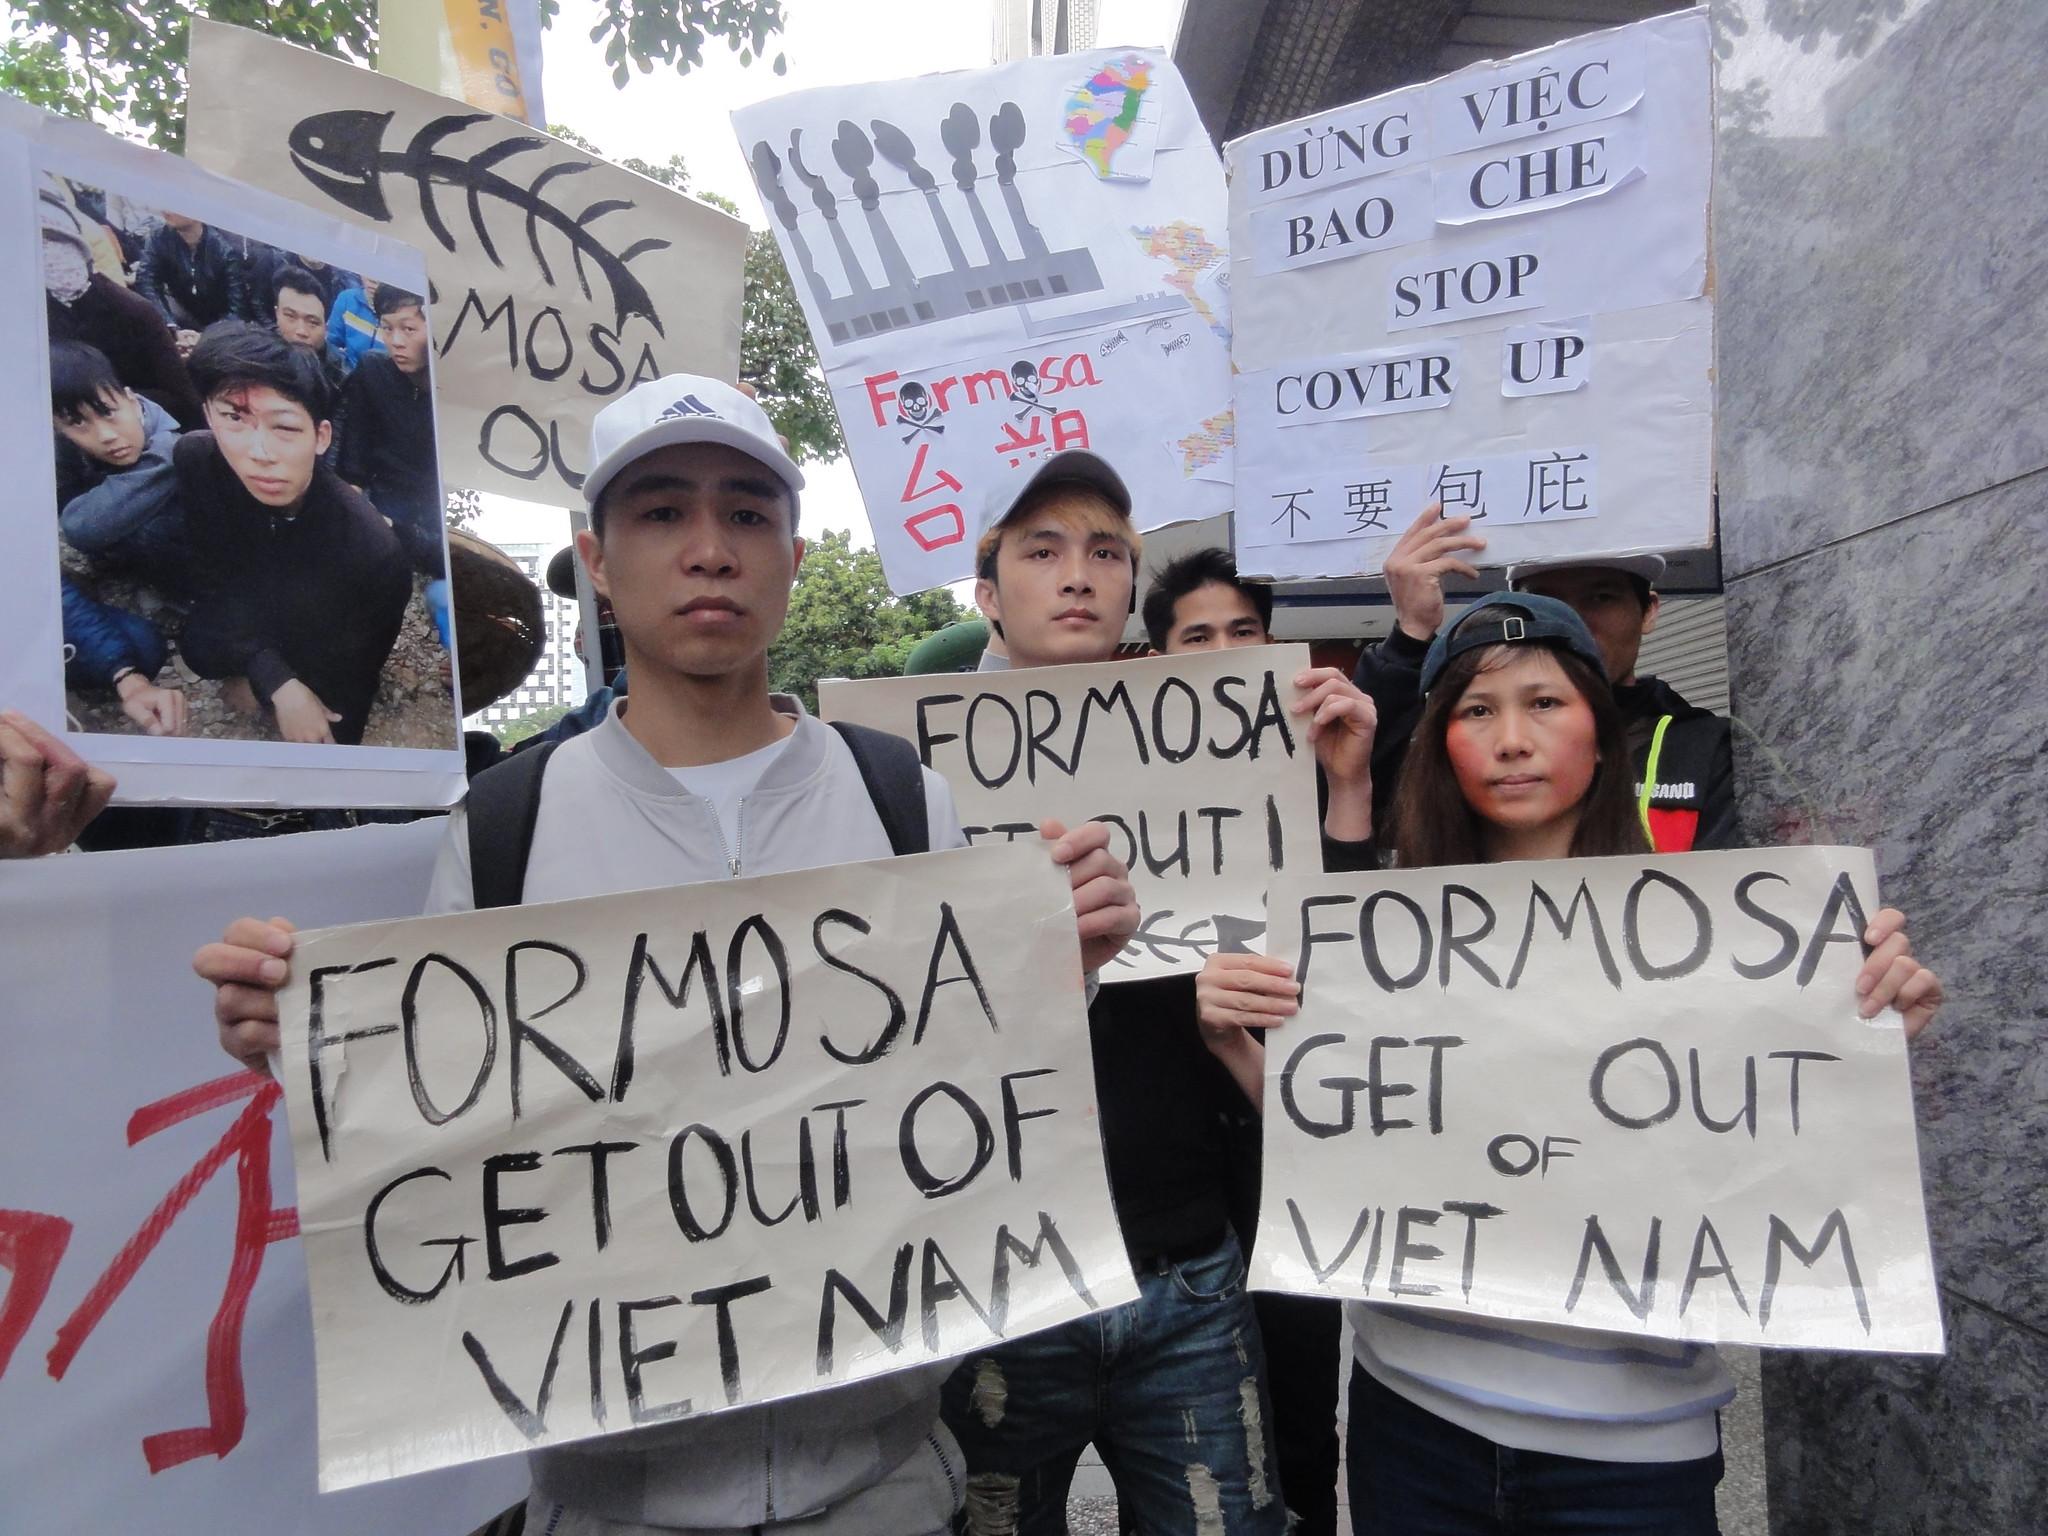 臺塑越鋼污染 5億美金賠款下落不明 在臺移工赴越南辦事處抗議   苦勞網